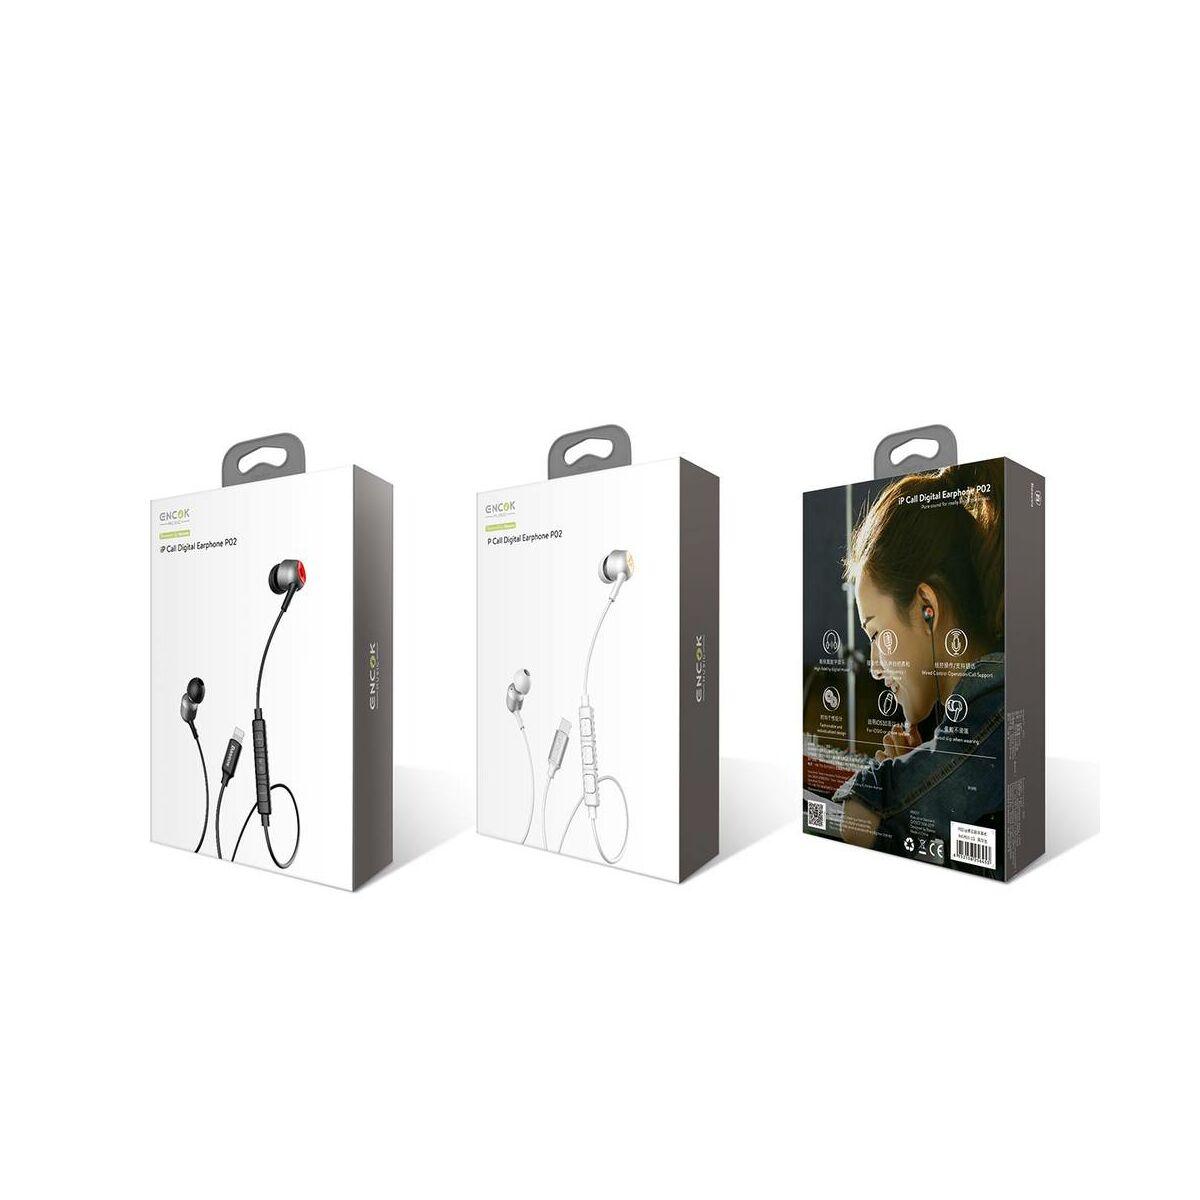 Baseus fülhallgató, Encok P02, Lightning Call Digital, vezetékes, fehér/arany (NGP02-2V)